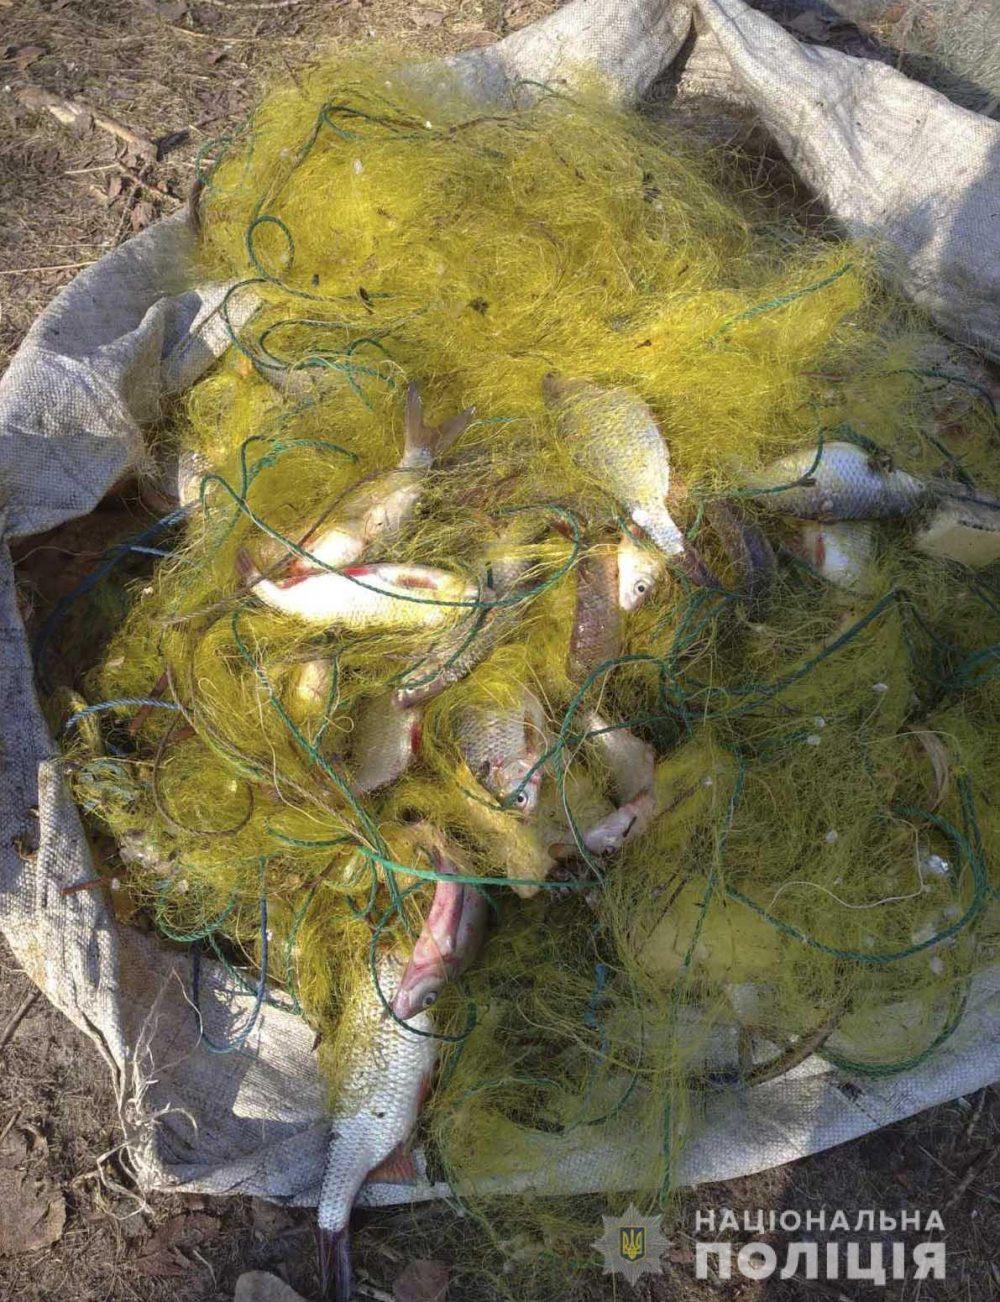 Без Купюр На Кіровоградщині спіймали браконьєра з виловом на 17 тисяч гривень Кримінал  риба новини Кіровоградщина браконьєр 2021 Квітень